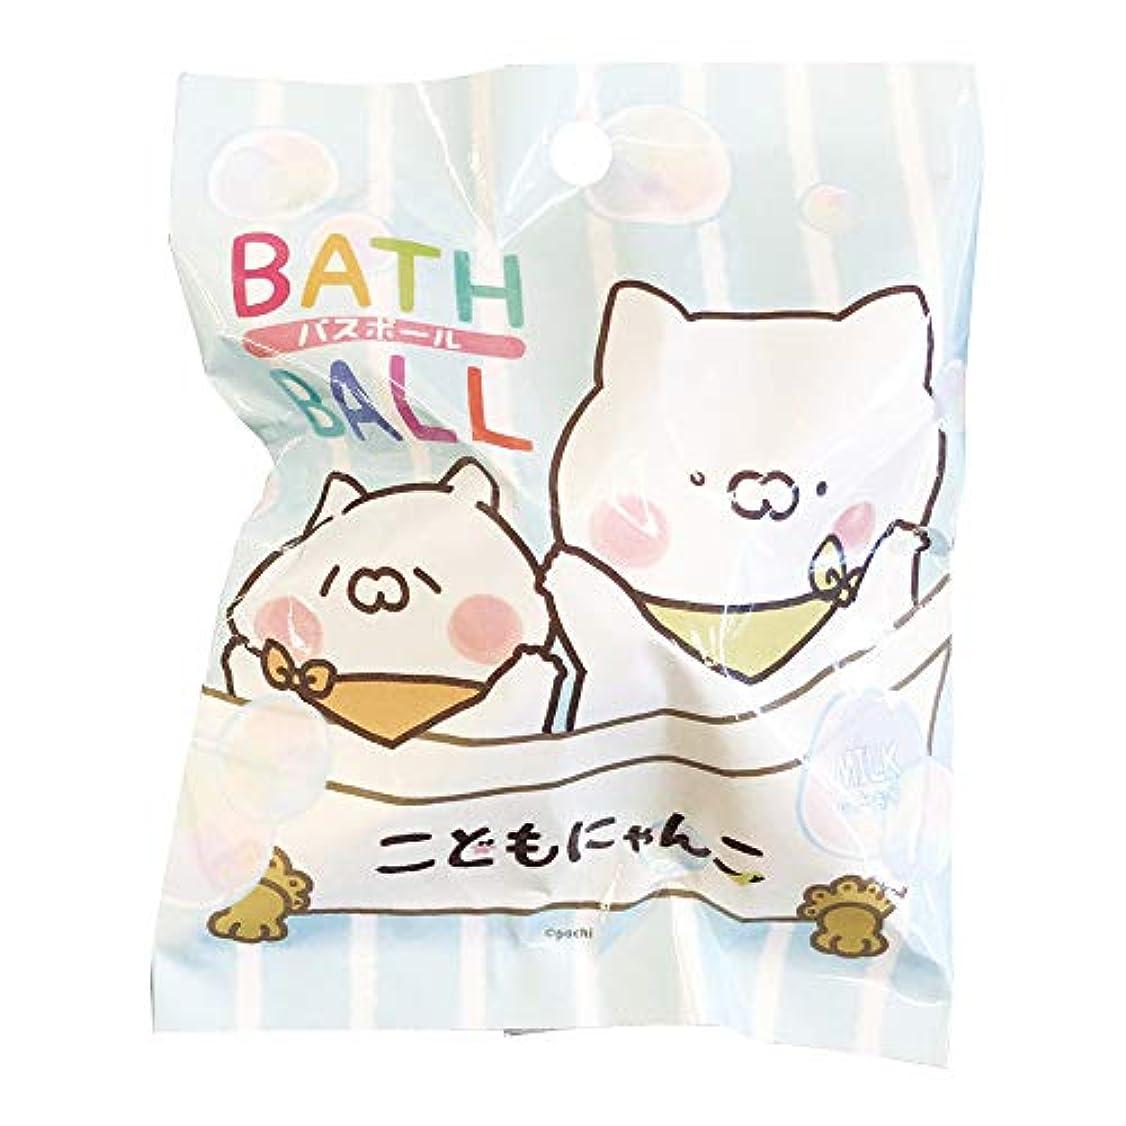 講義戦艦倒産こどもにゃんこ 入浴剤 バスボール おまけ付き ミルクの香り 50g ABD-043-001